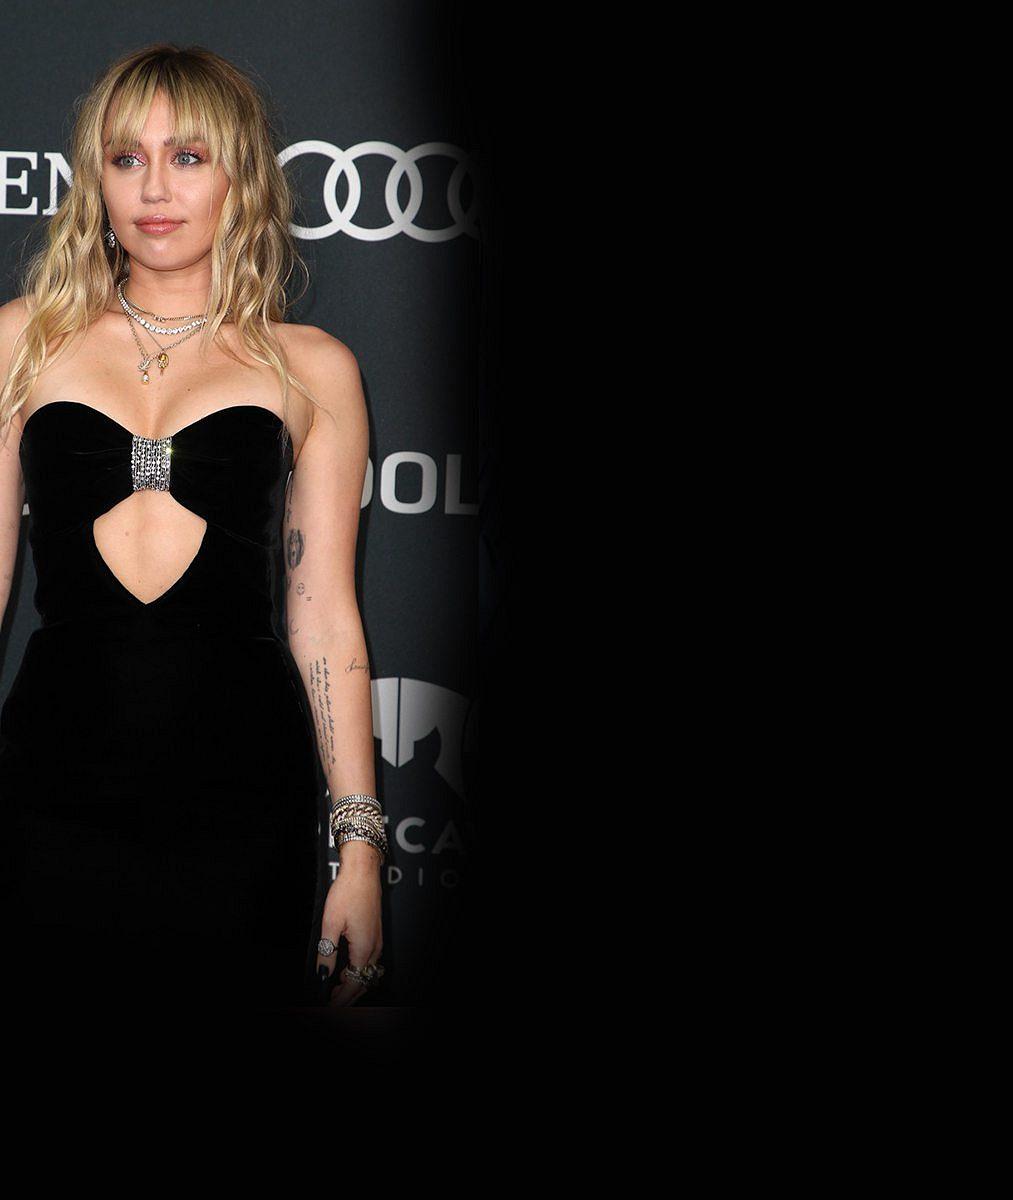 Manželka slavného herce je na straně svého rozvádějícího se švagra: Pustila se do jeho ženy Miley Cyrus!